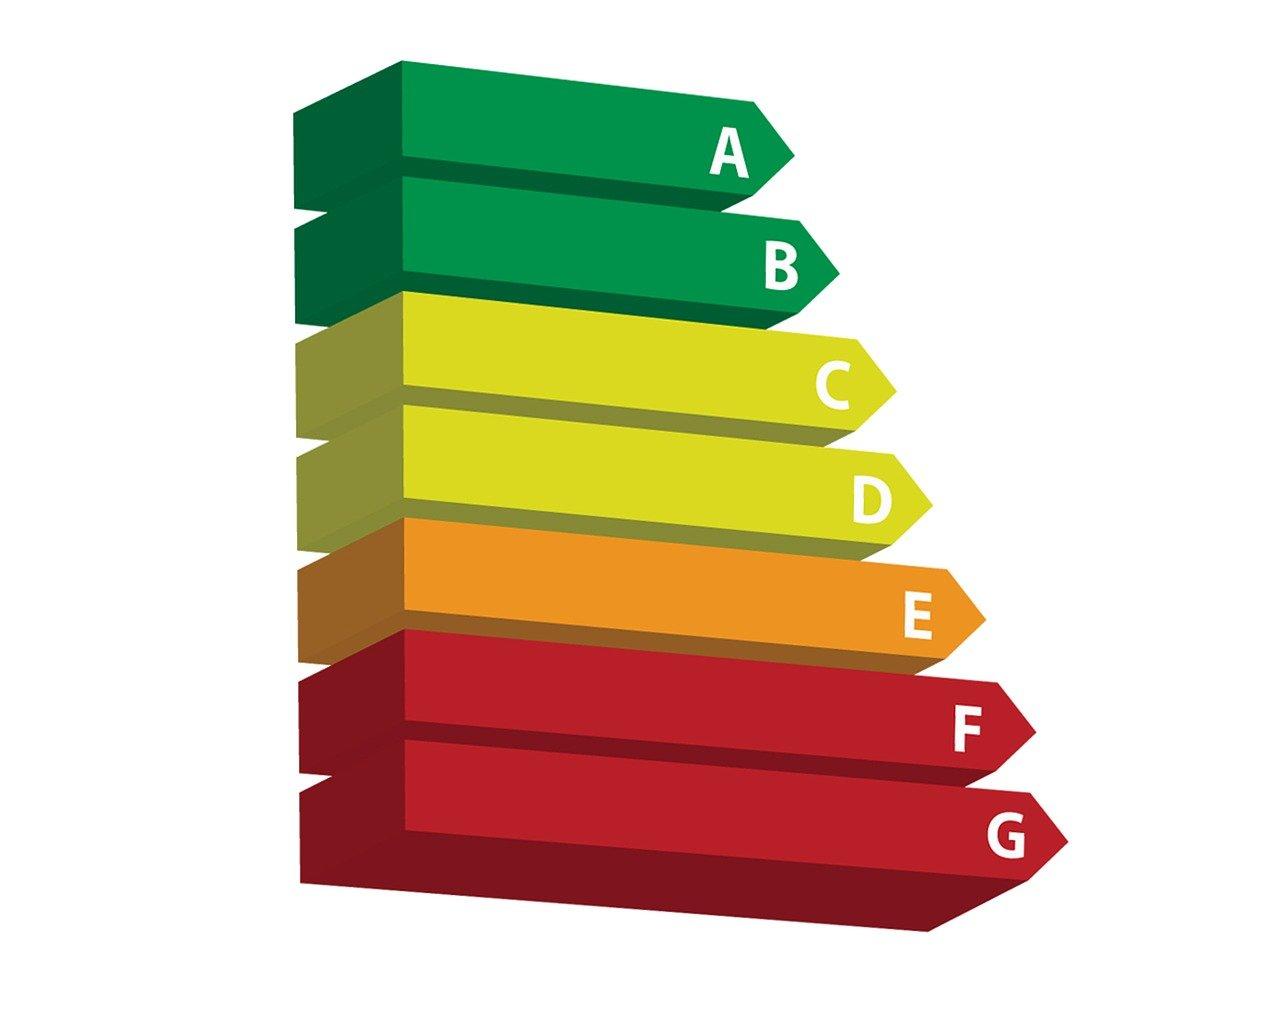 Las nuevas etiquetas energéticas se dividen en categorías desde A hasta G